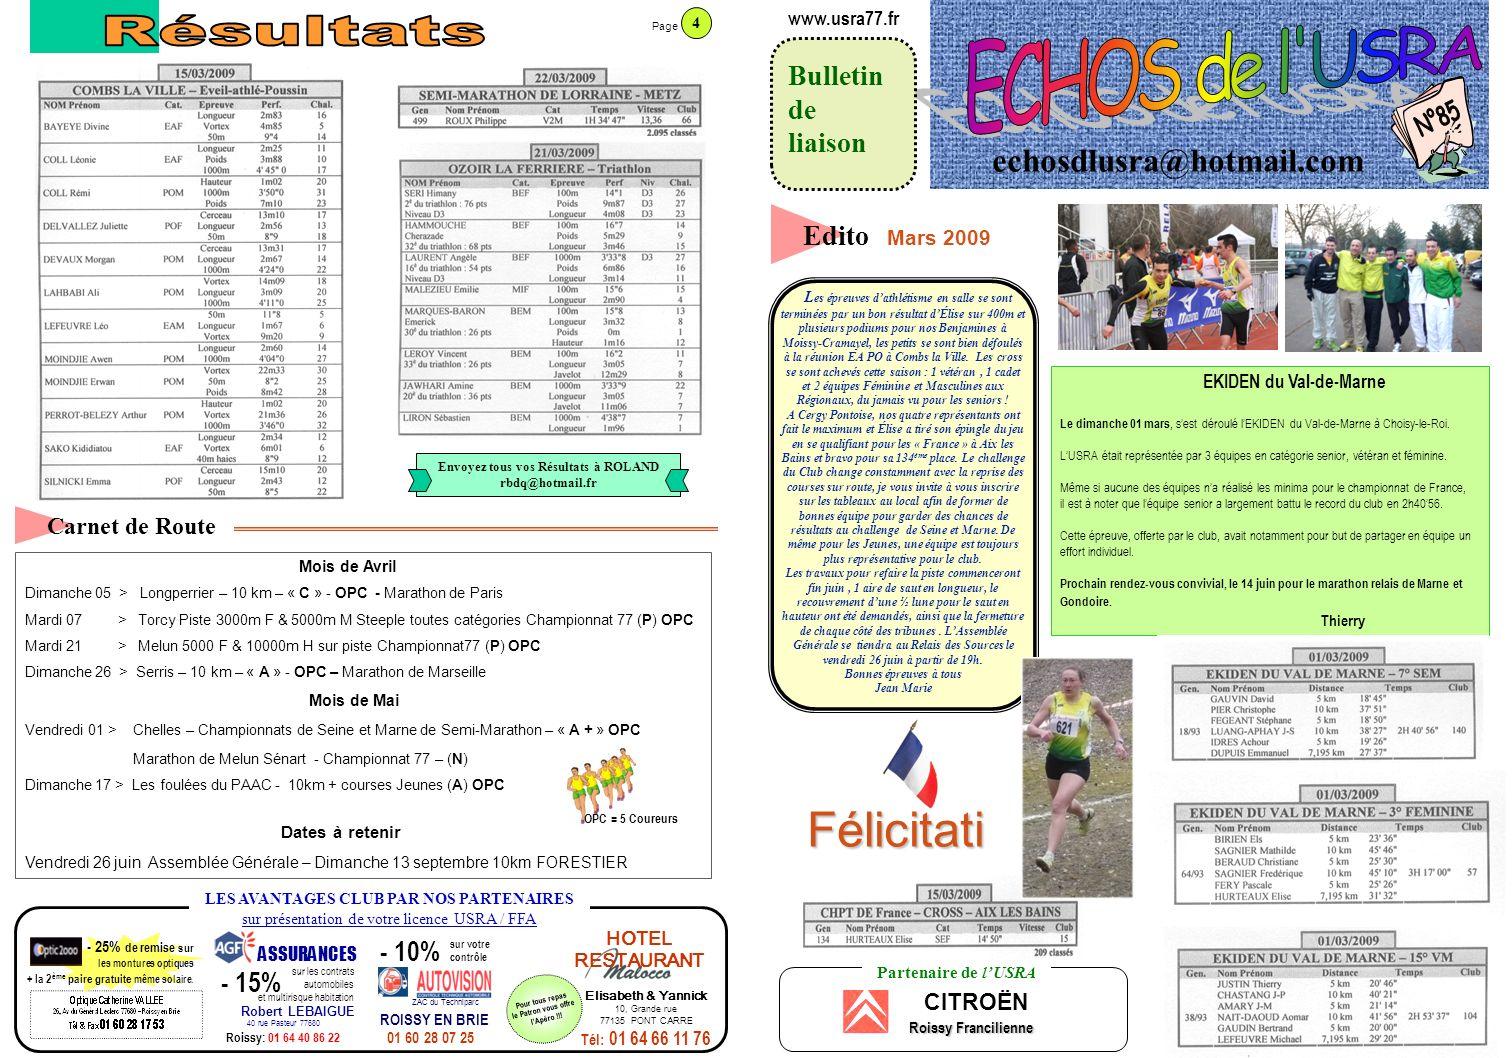 echosdlusra@hotmail.com Bulletin de liaison www.usra77.fr Edito Carnet de Route Mois de Avril Dimanche 05 > Longperrier – 10 km – « C » - OPC - Marathon de Paris Mardi 07 > Torcy Piste 3000m F & 5000m M Steeple toutes catégories Championnat 77 (P) OPC Mardi 21 > Melun 5000 F & 10000m H sur piste Championnat77 (P) OPC Dimanche 26 > Serris – 10 km – « A » - OPC – Marathon de Marseille Mois de Mai Vendredi 01 > Chelles – Championnats de Seine et Marne de Semi-Marathon – « A + » OPC Marathon de Melun Sénart - Championnat 77 – (N) Dimanche 17 > Les foulées du PAAC - 10km + courses Jeunes (A) OPC Dates à retenir Vendredi 26 juin Assemblée Générale – Dimanche 13 septembre 10km FORESTIER Partenaire de lUSRA CITROËN Roissy Francilienne LES AVANTAGES CLUB PAR NOS PARTENAIRES sur présentation de votre licence USRA / FFA - 25% de remise sur les montures optiques + la 2 ème paire gratuite même solaire.